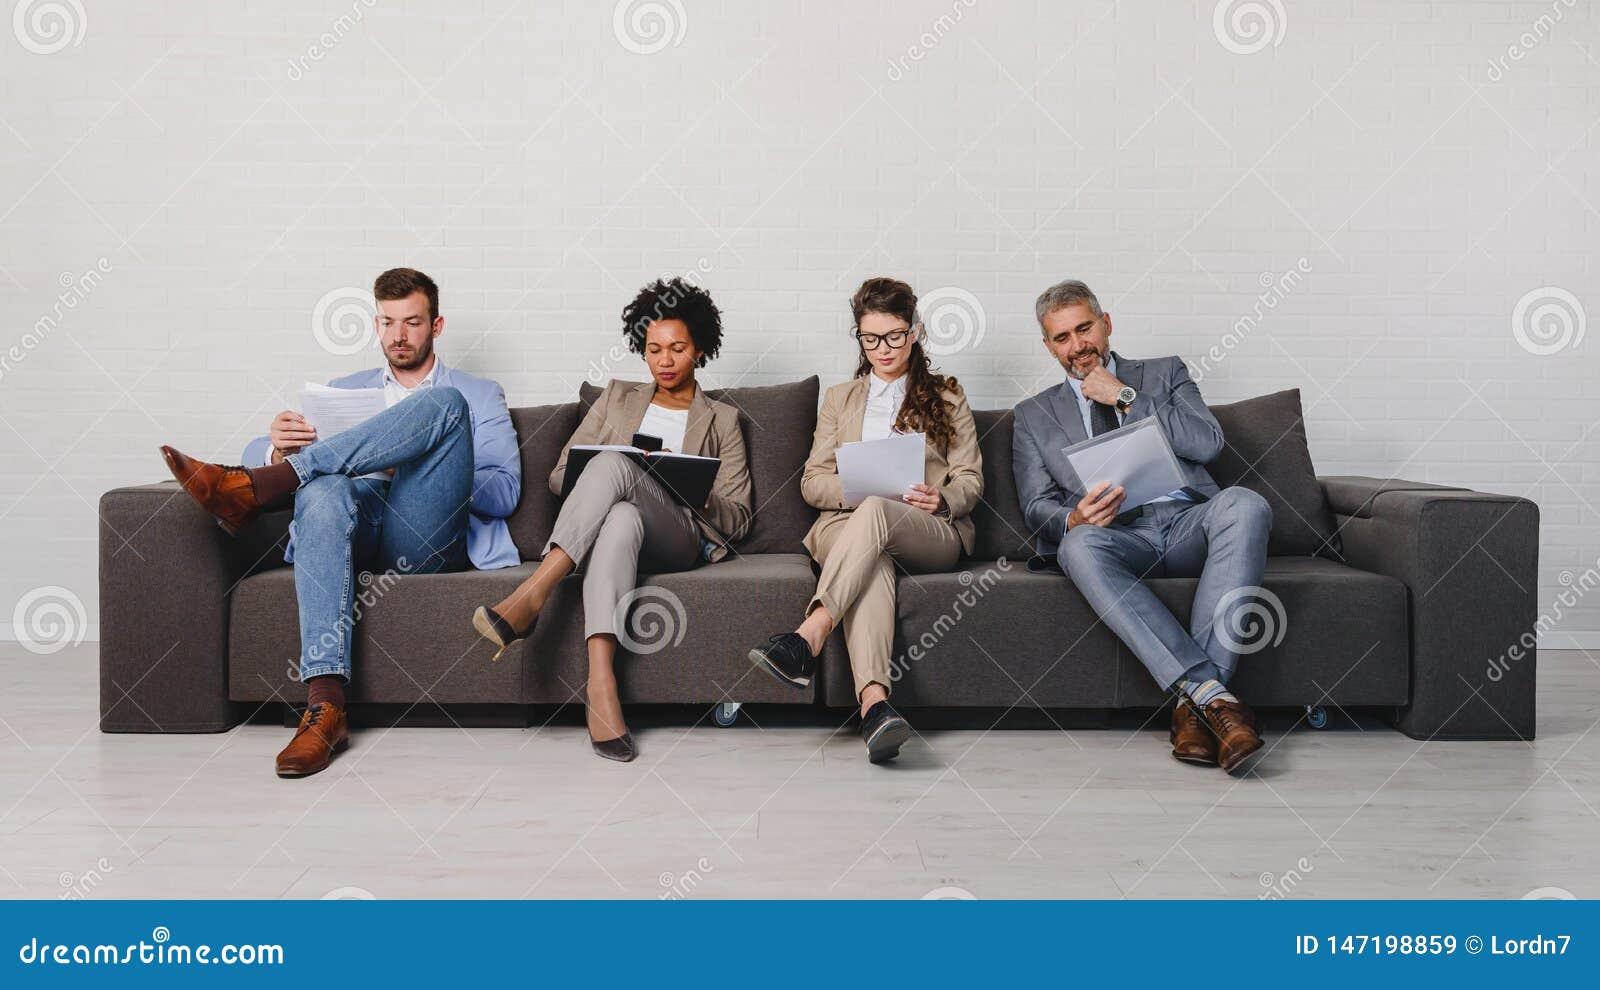 Verschiedene Geschäftsleute, die auf eine Verabredung warten